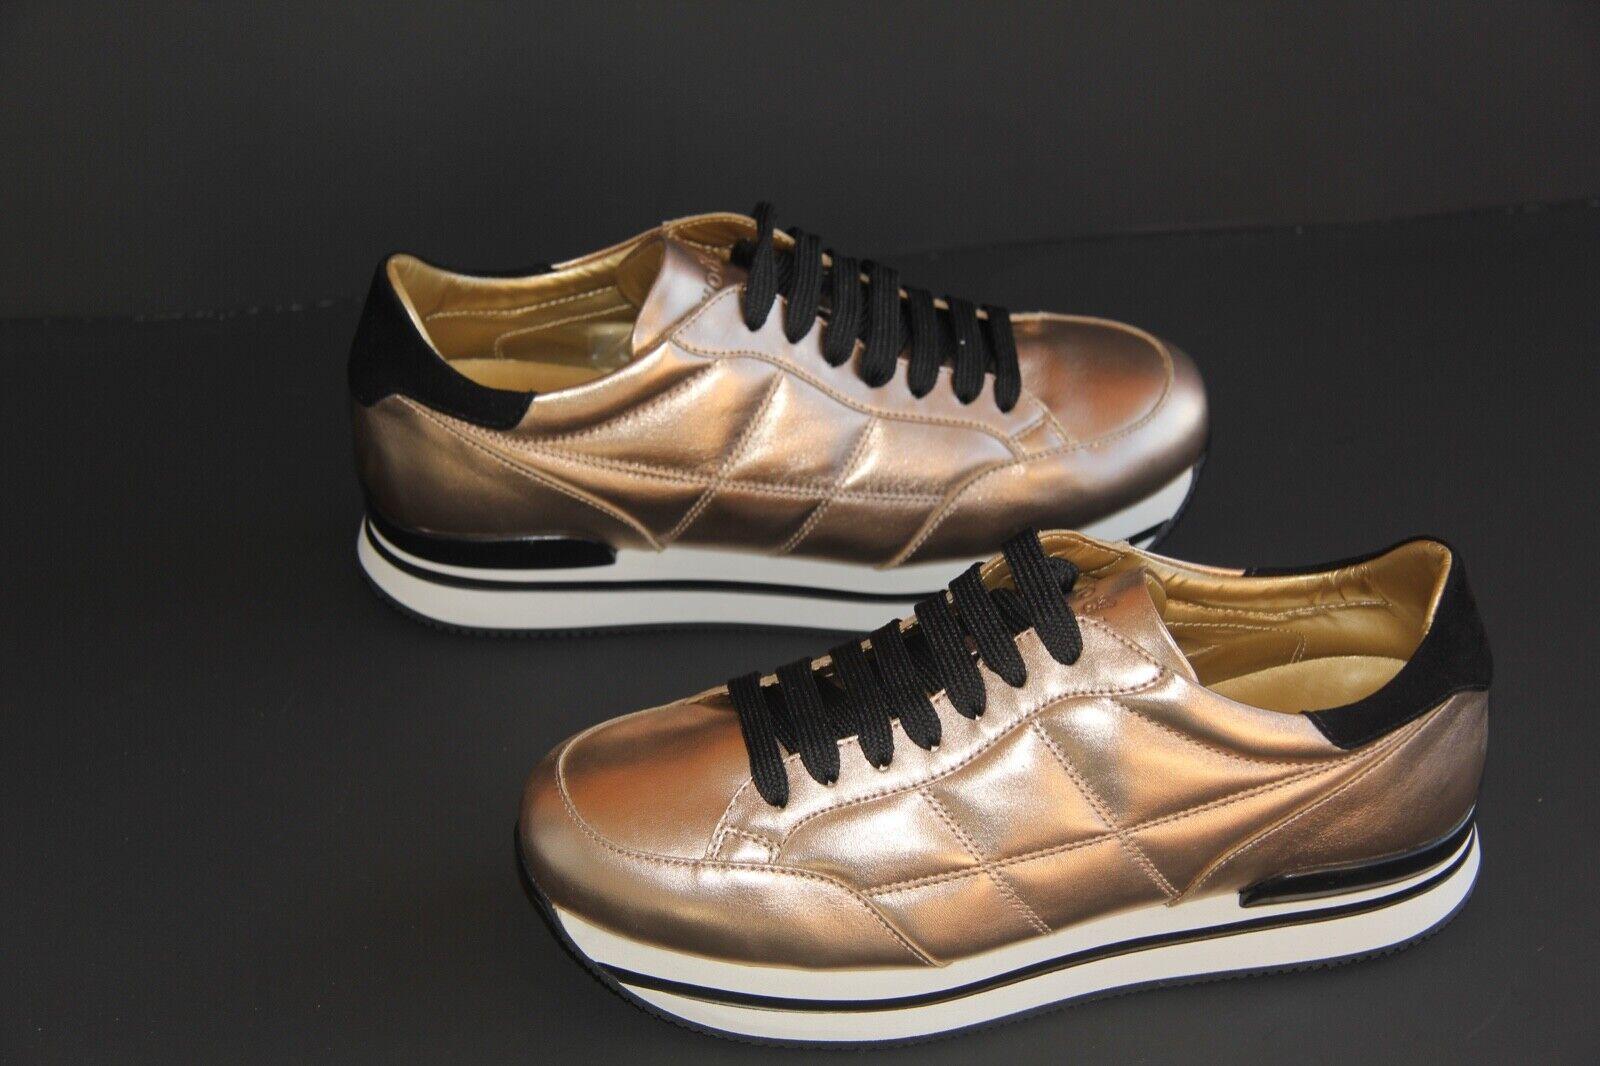 HOGAN LUSSO SCARPE DA DONNA scarpe da ginnastica Tg. 39 neu&ovp | Di Alta Qualità E Low Overhead  | Uomini/Donne Scarpa